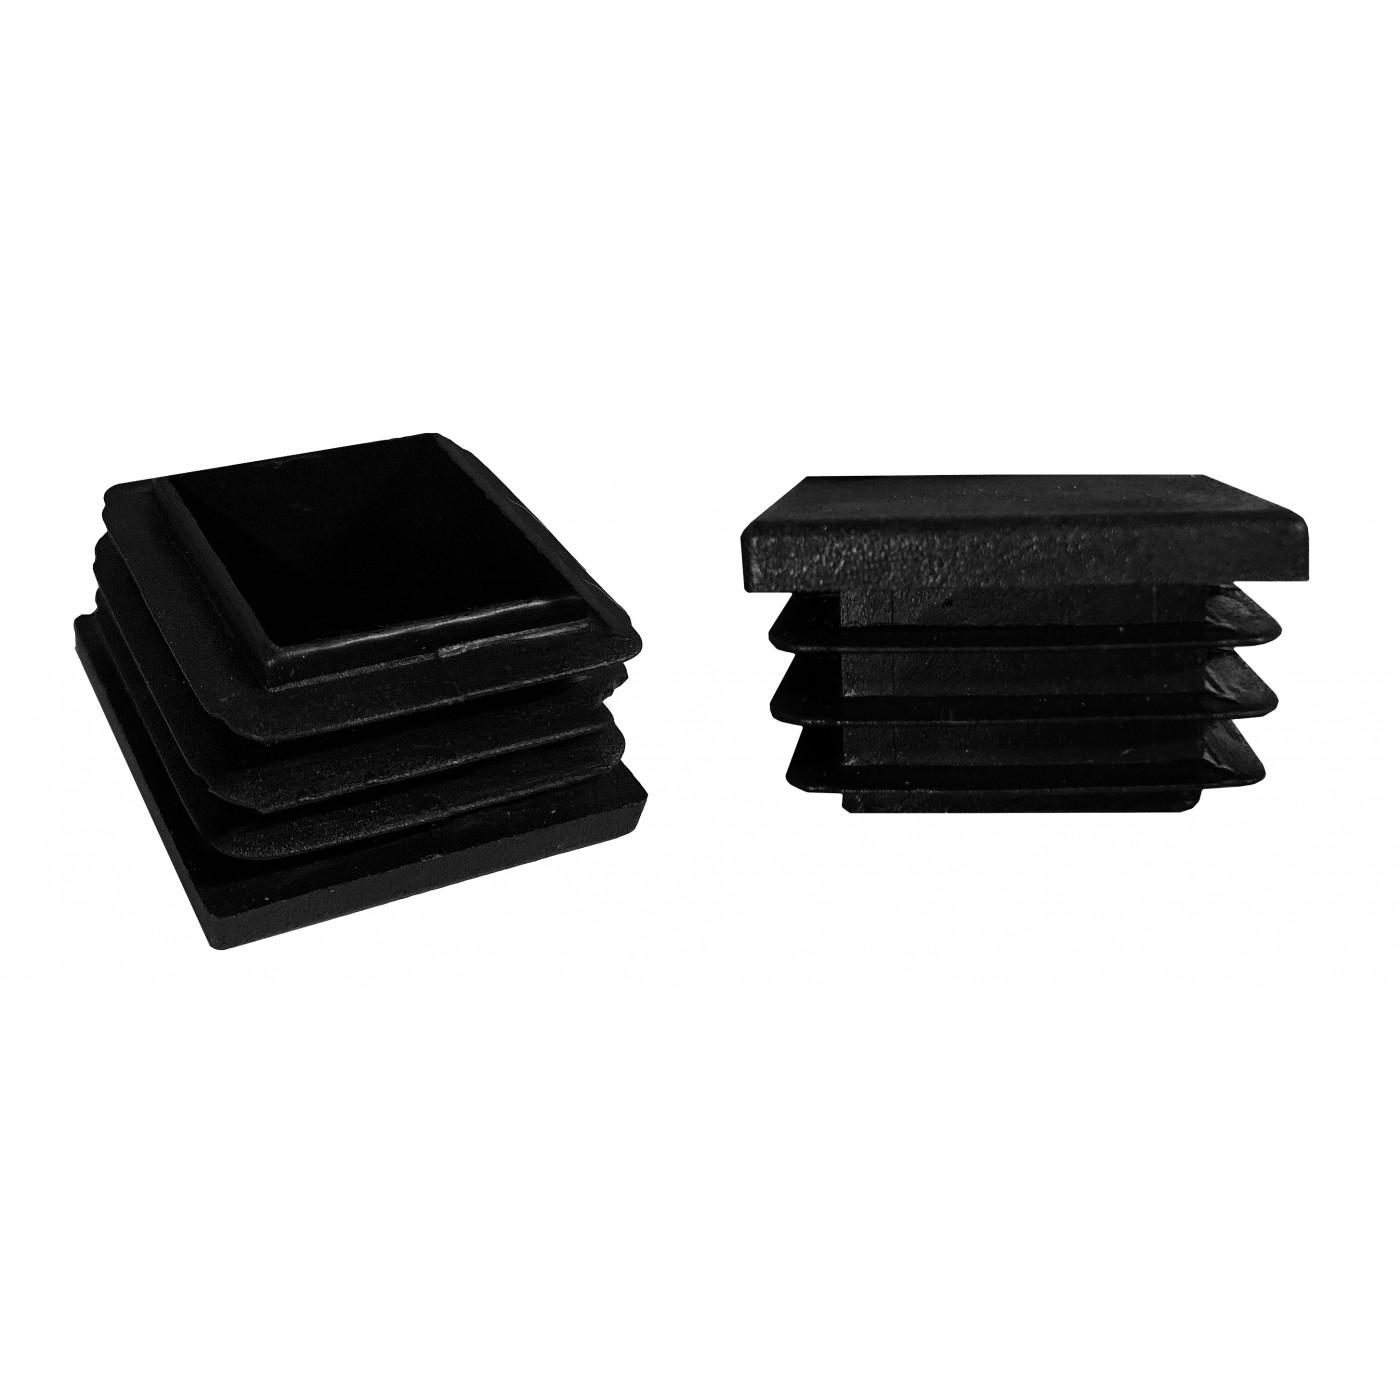 Set von 50 Stuhlbeinkappen (F9/E14/D15, schwarz) - 1